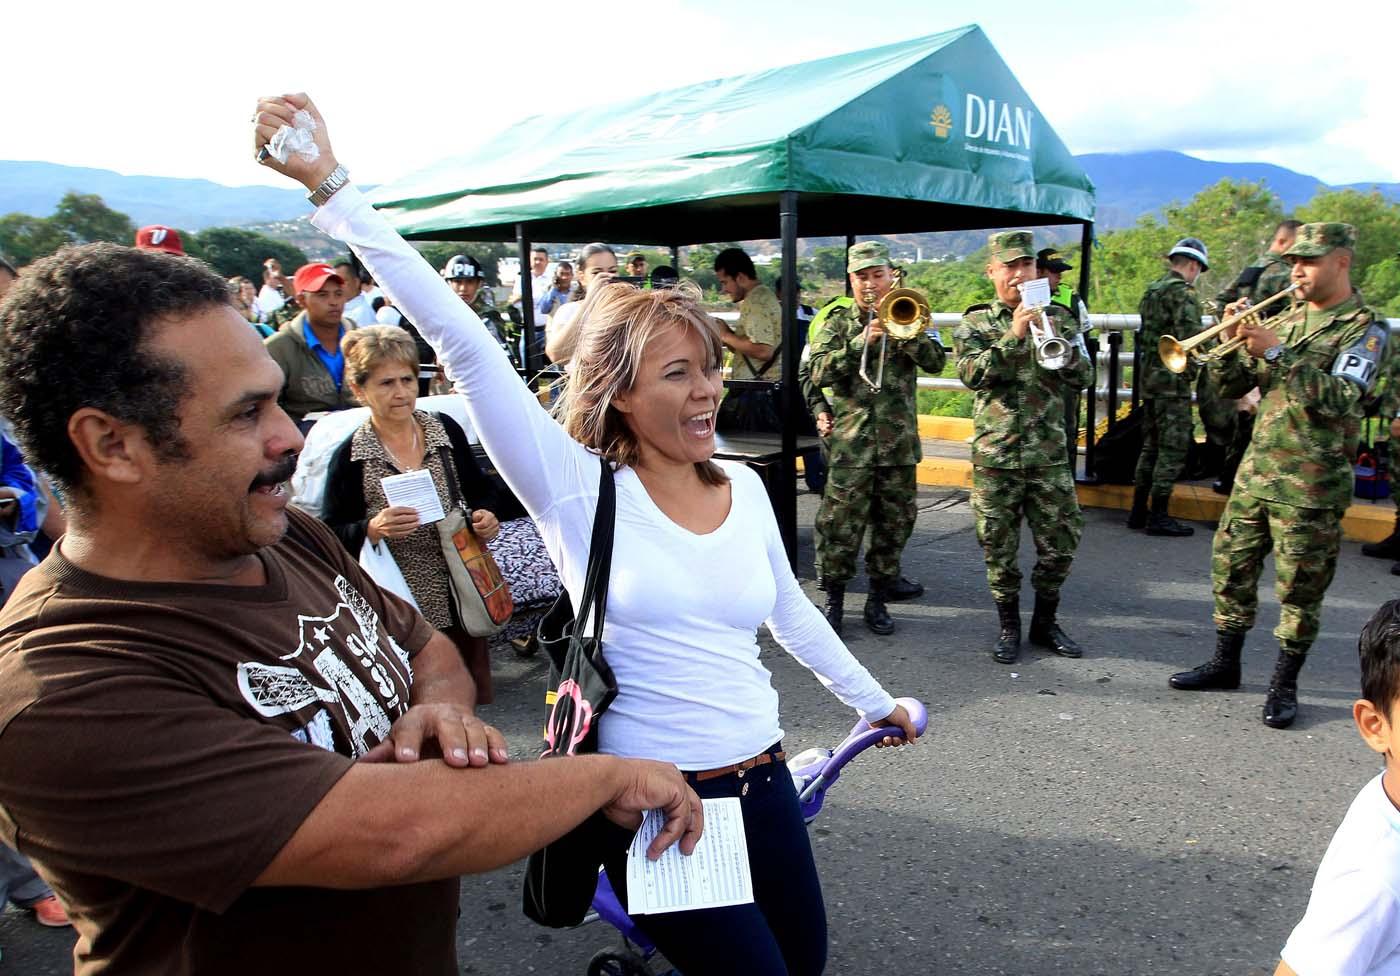 GRA101. CÚCUTA (COLOMBIA), 13/08/2016.- Ciudadanos procedentes de Venezuela entran a Colombia por el puente Simón Bolívar hoy, sábado 13 de Agosto de 2016 en Cúcuta (Colombia). La frontera de Colombia y Venezuela, que permanecía cerrada desde hace casi un año, fue reabierta hoy al paso peatonal y miles de venezolanos pasaron a la ciudad de Cúcuta para comprar alimentos y medicinas. Horas antes de la apertura, que se produjo a las 05.00 hora colombiana (10.00 GMT) tal y como estaba previsto, miles de personas se reunieron en el lado venezolano del Puente Internacional Simón Bolívar, que une la localidad colombiana de Cúcuta y la venezolana de San Antonio, según pudo constatar Efe. EFE/MAURICIO DUEÑAS CASTAÑEDA